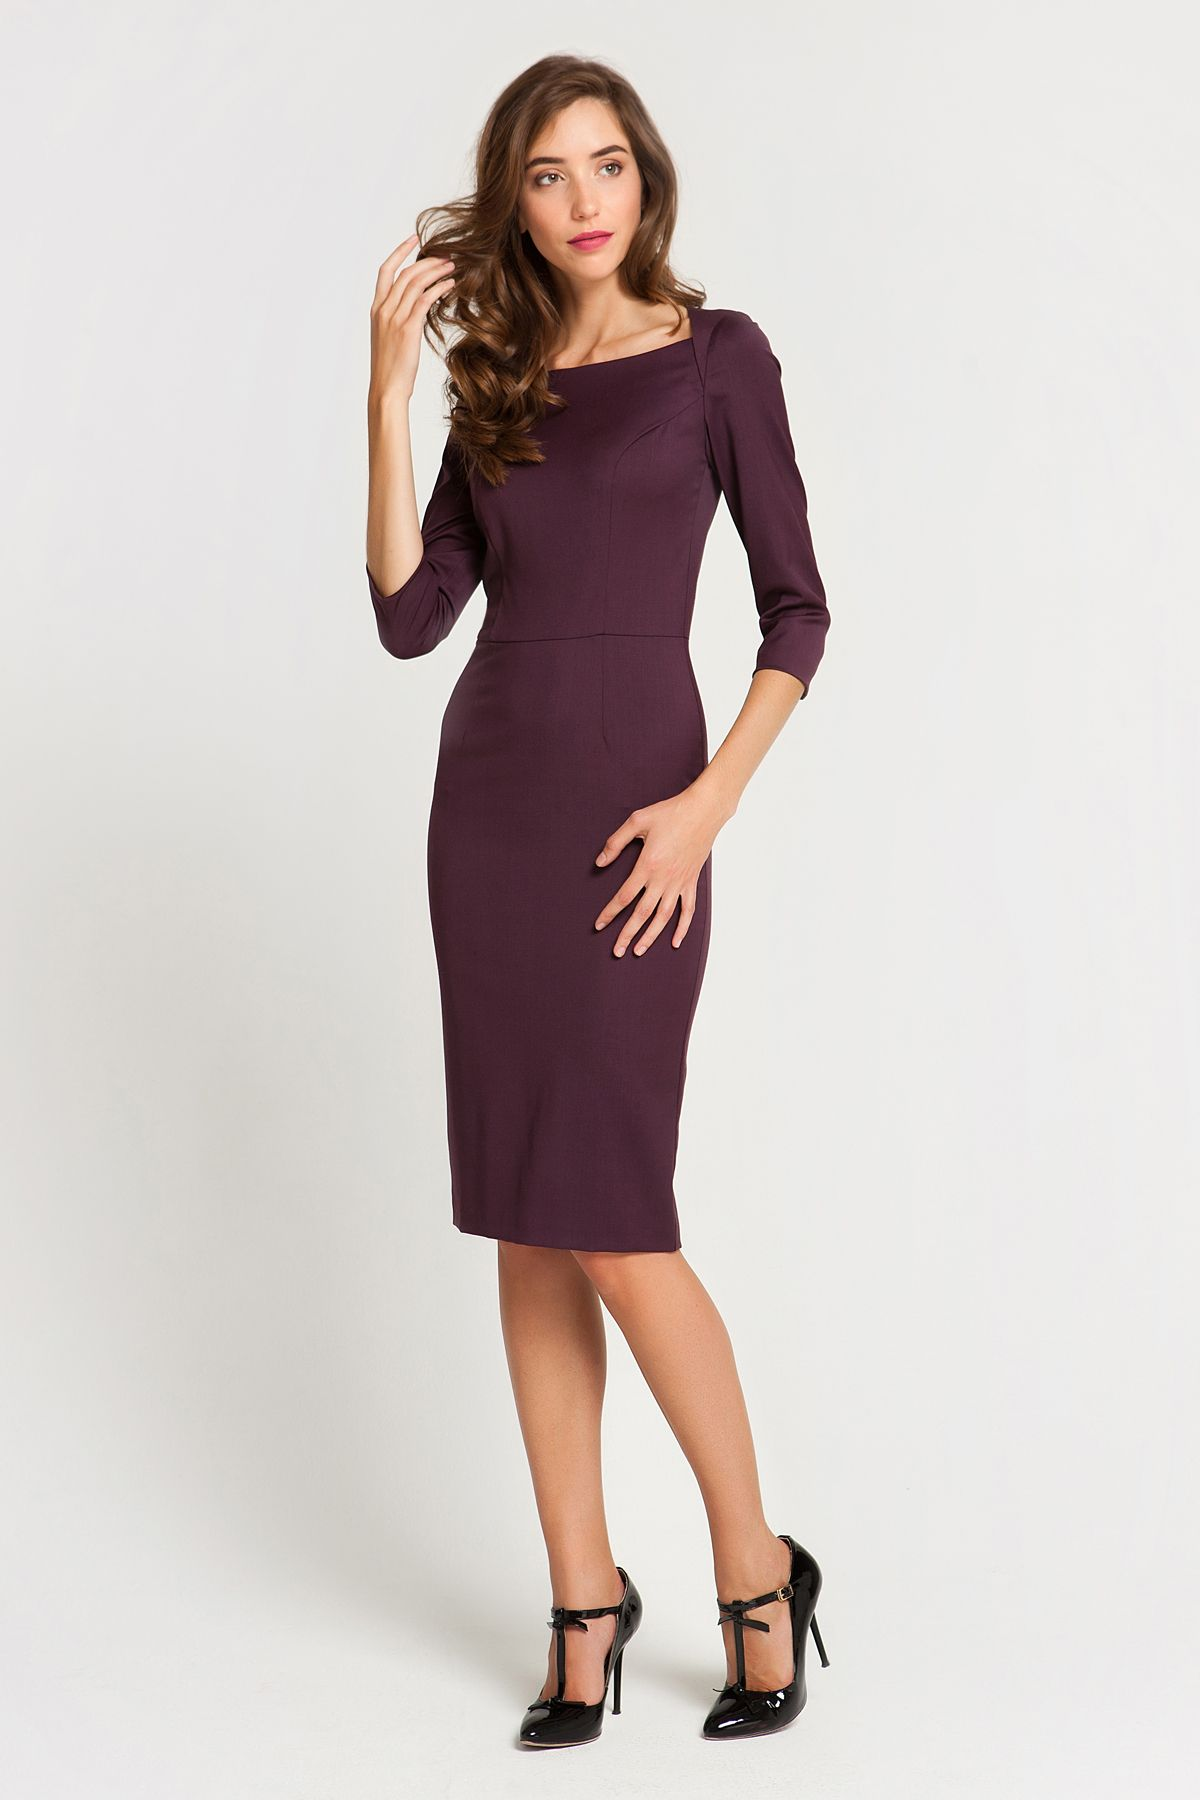 fb36029e732 1886 Платье-футляр бордового цвета с v-образным вырезом купить в Украине